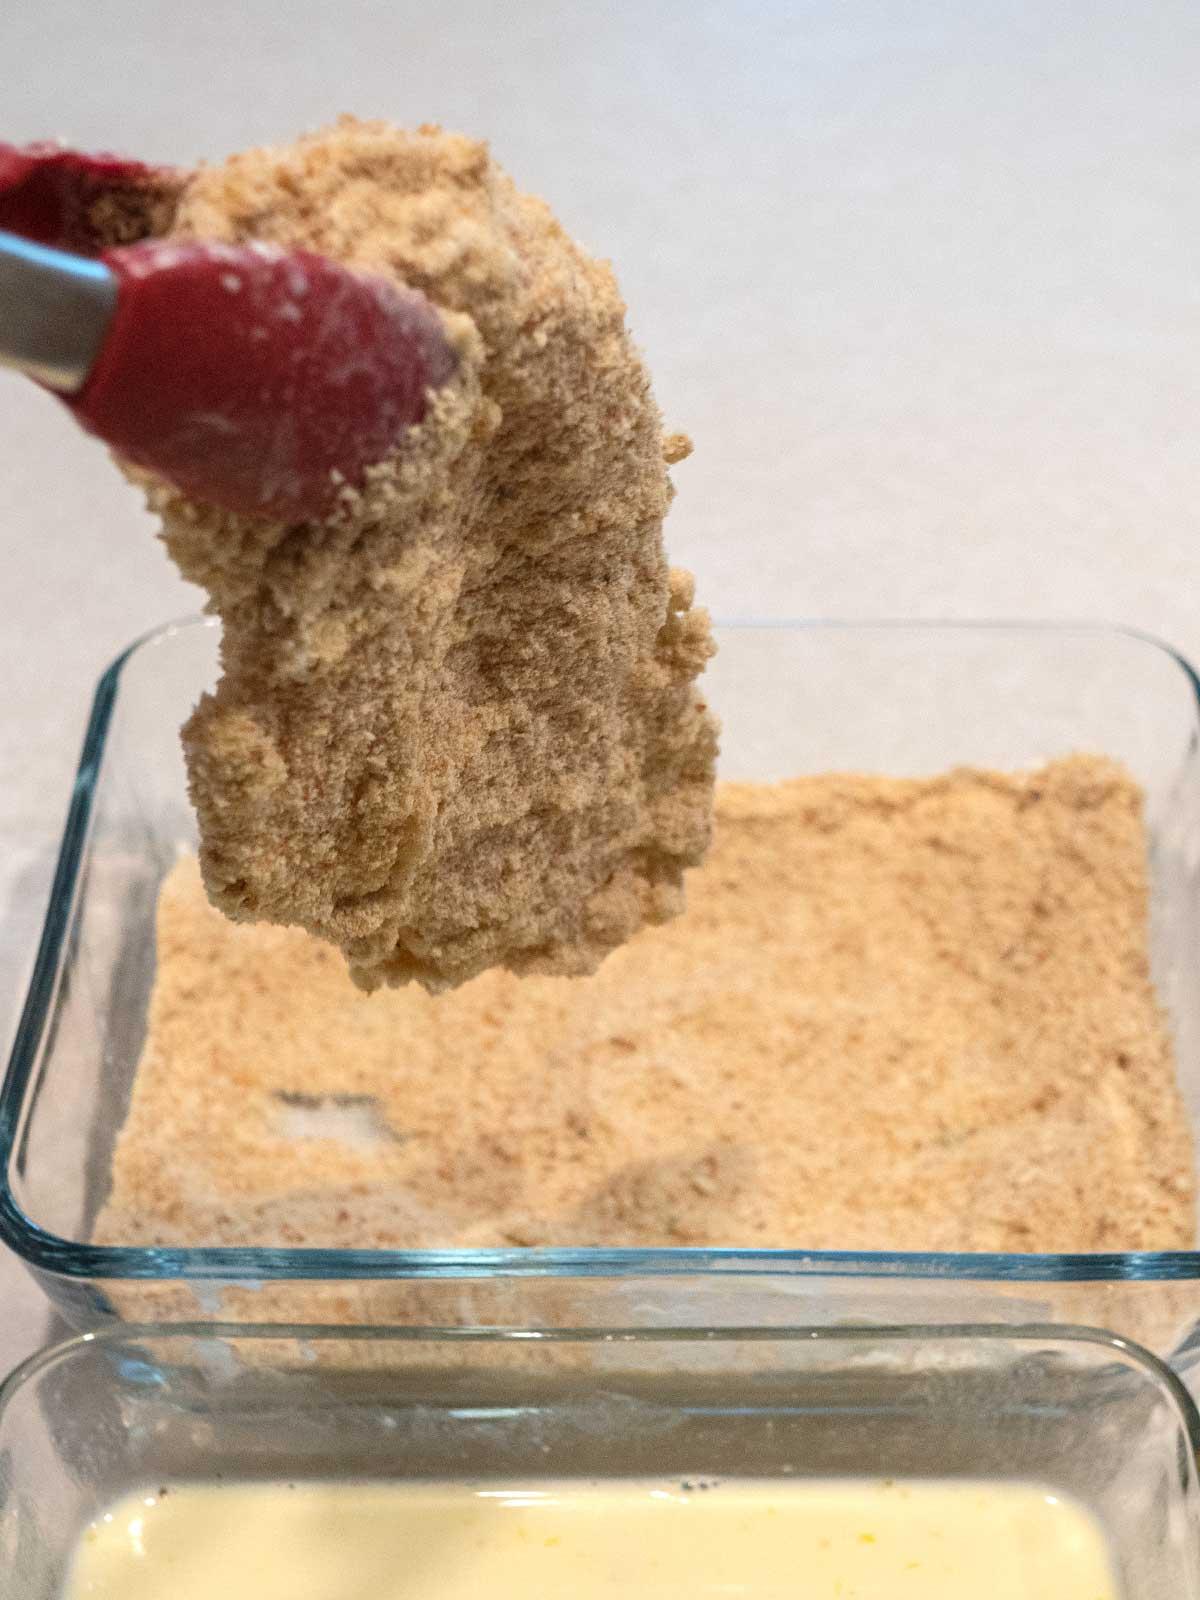 Coating Chicken in Bread Crumbs